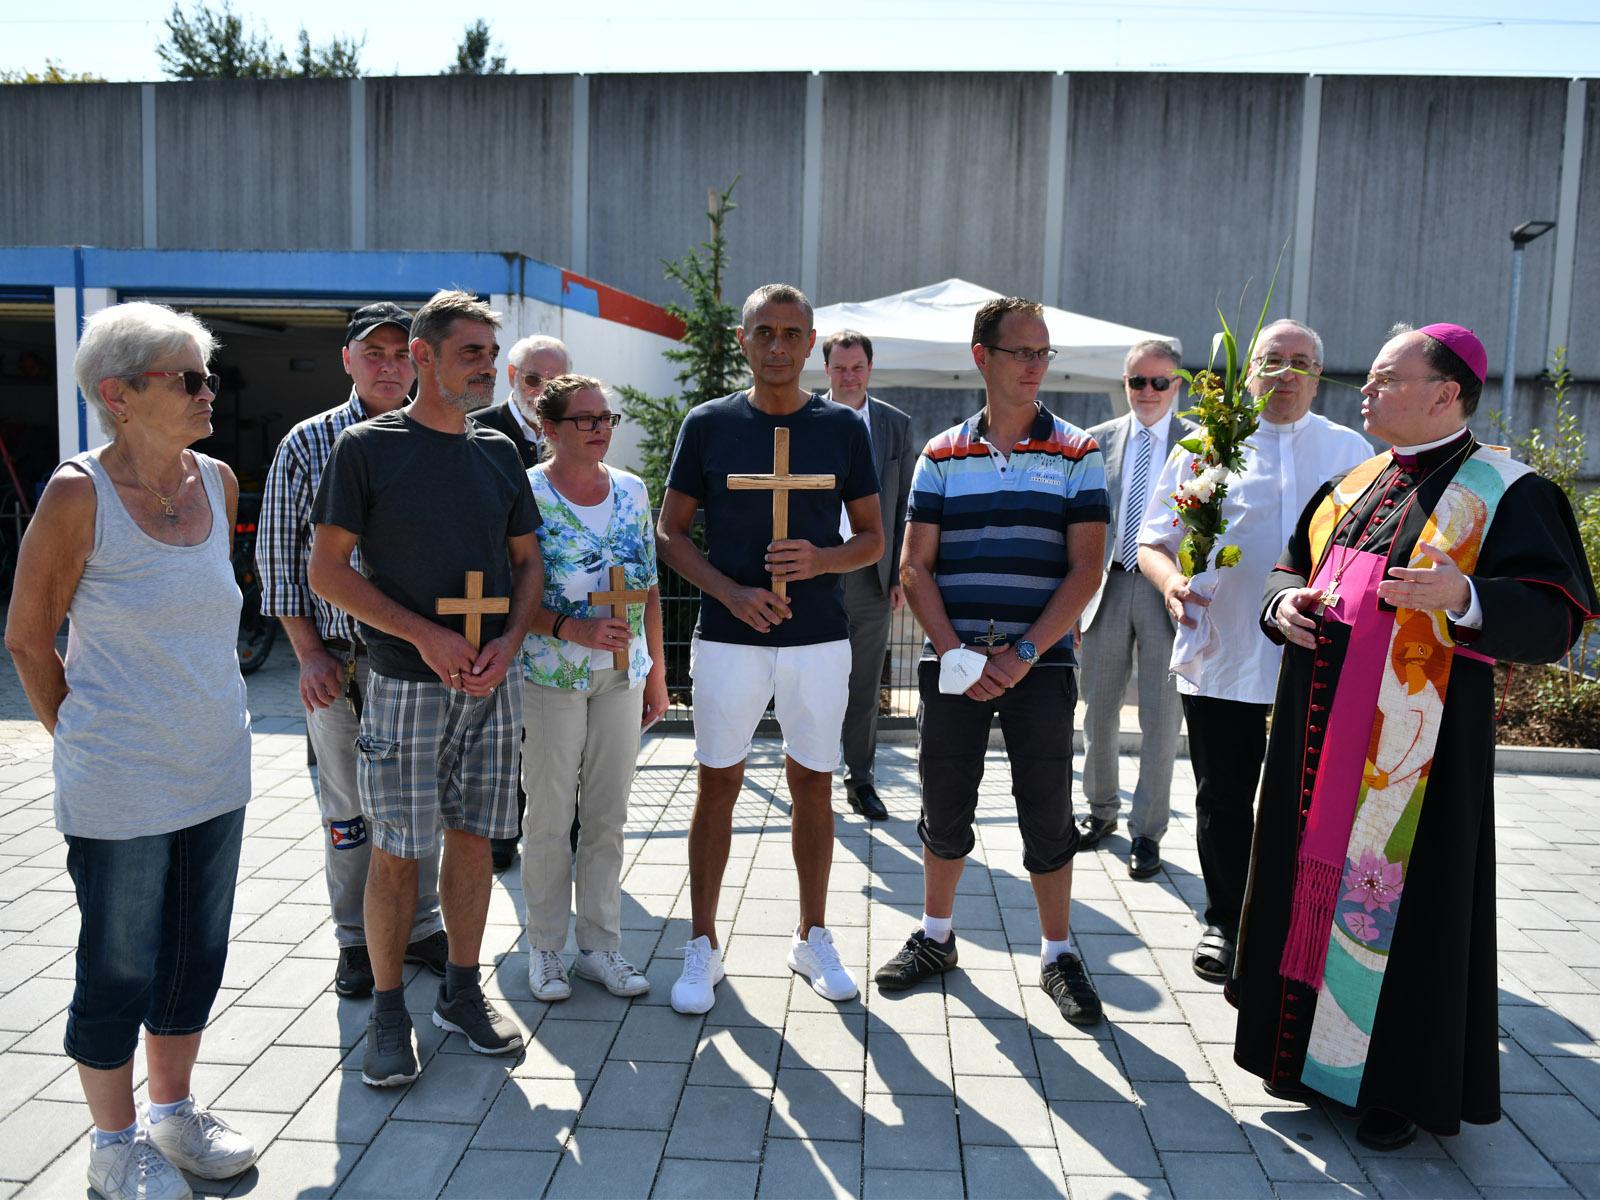 Bischof Bertram im Gespräch mit Bewohner/-innen des neuen Wohnheims.